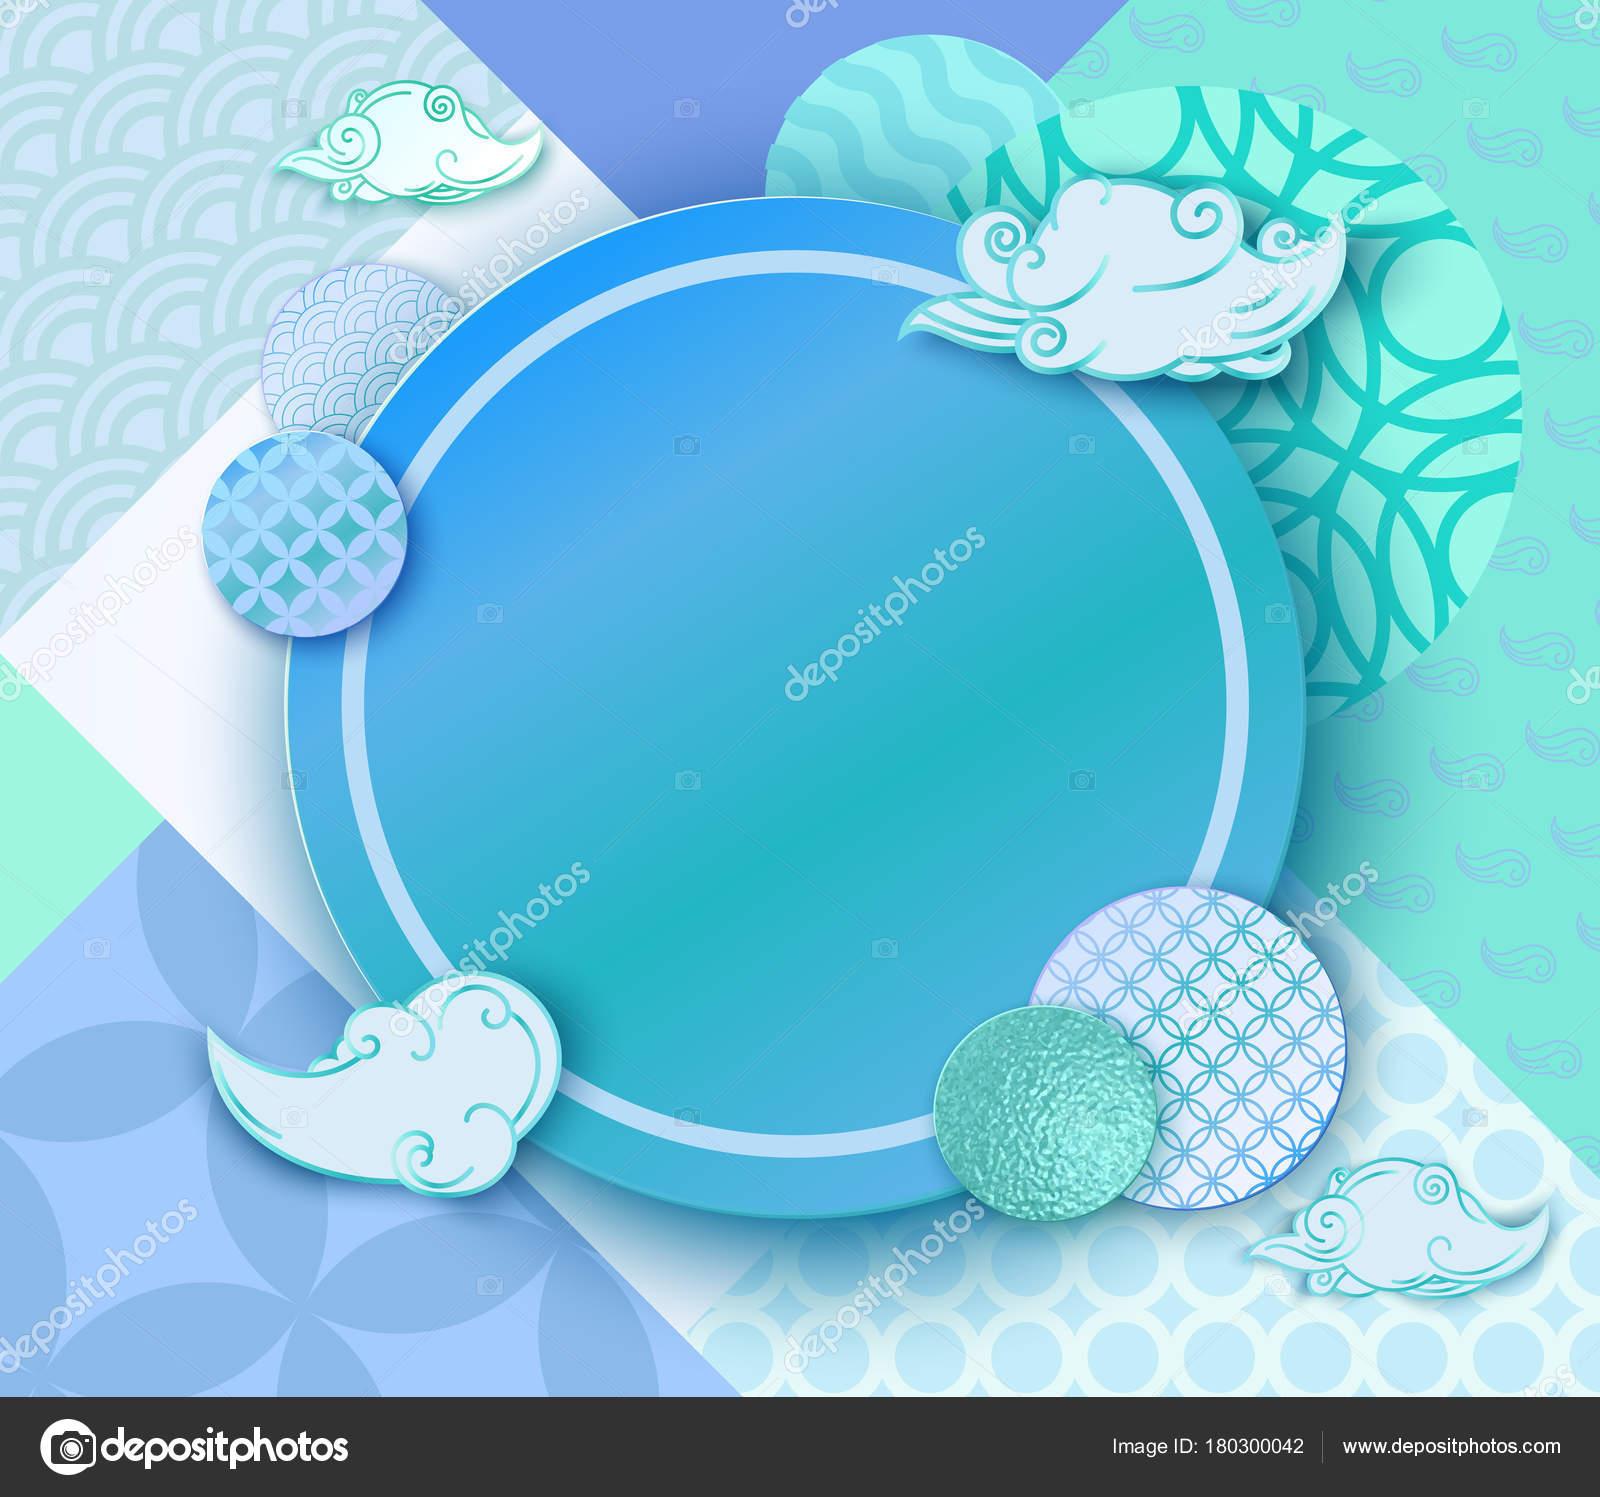 Cadre Art Bleu Papier Avec Point De Vagues Au Japon Brochure Carte Visite Modle Ou Fond En Mode Style Gomtrique Oriental Ornement Orientale